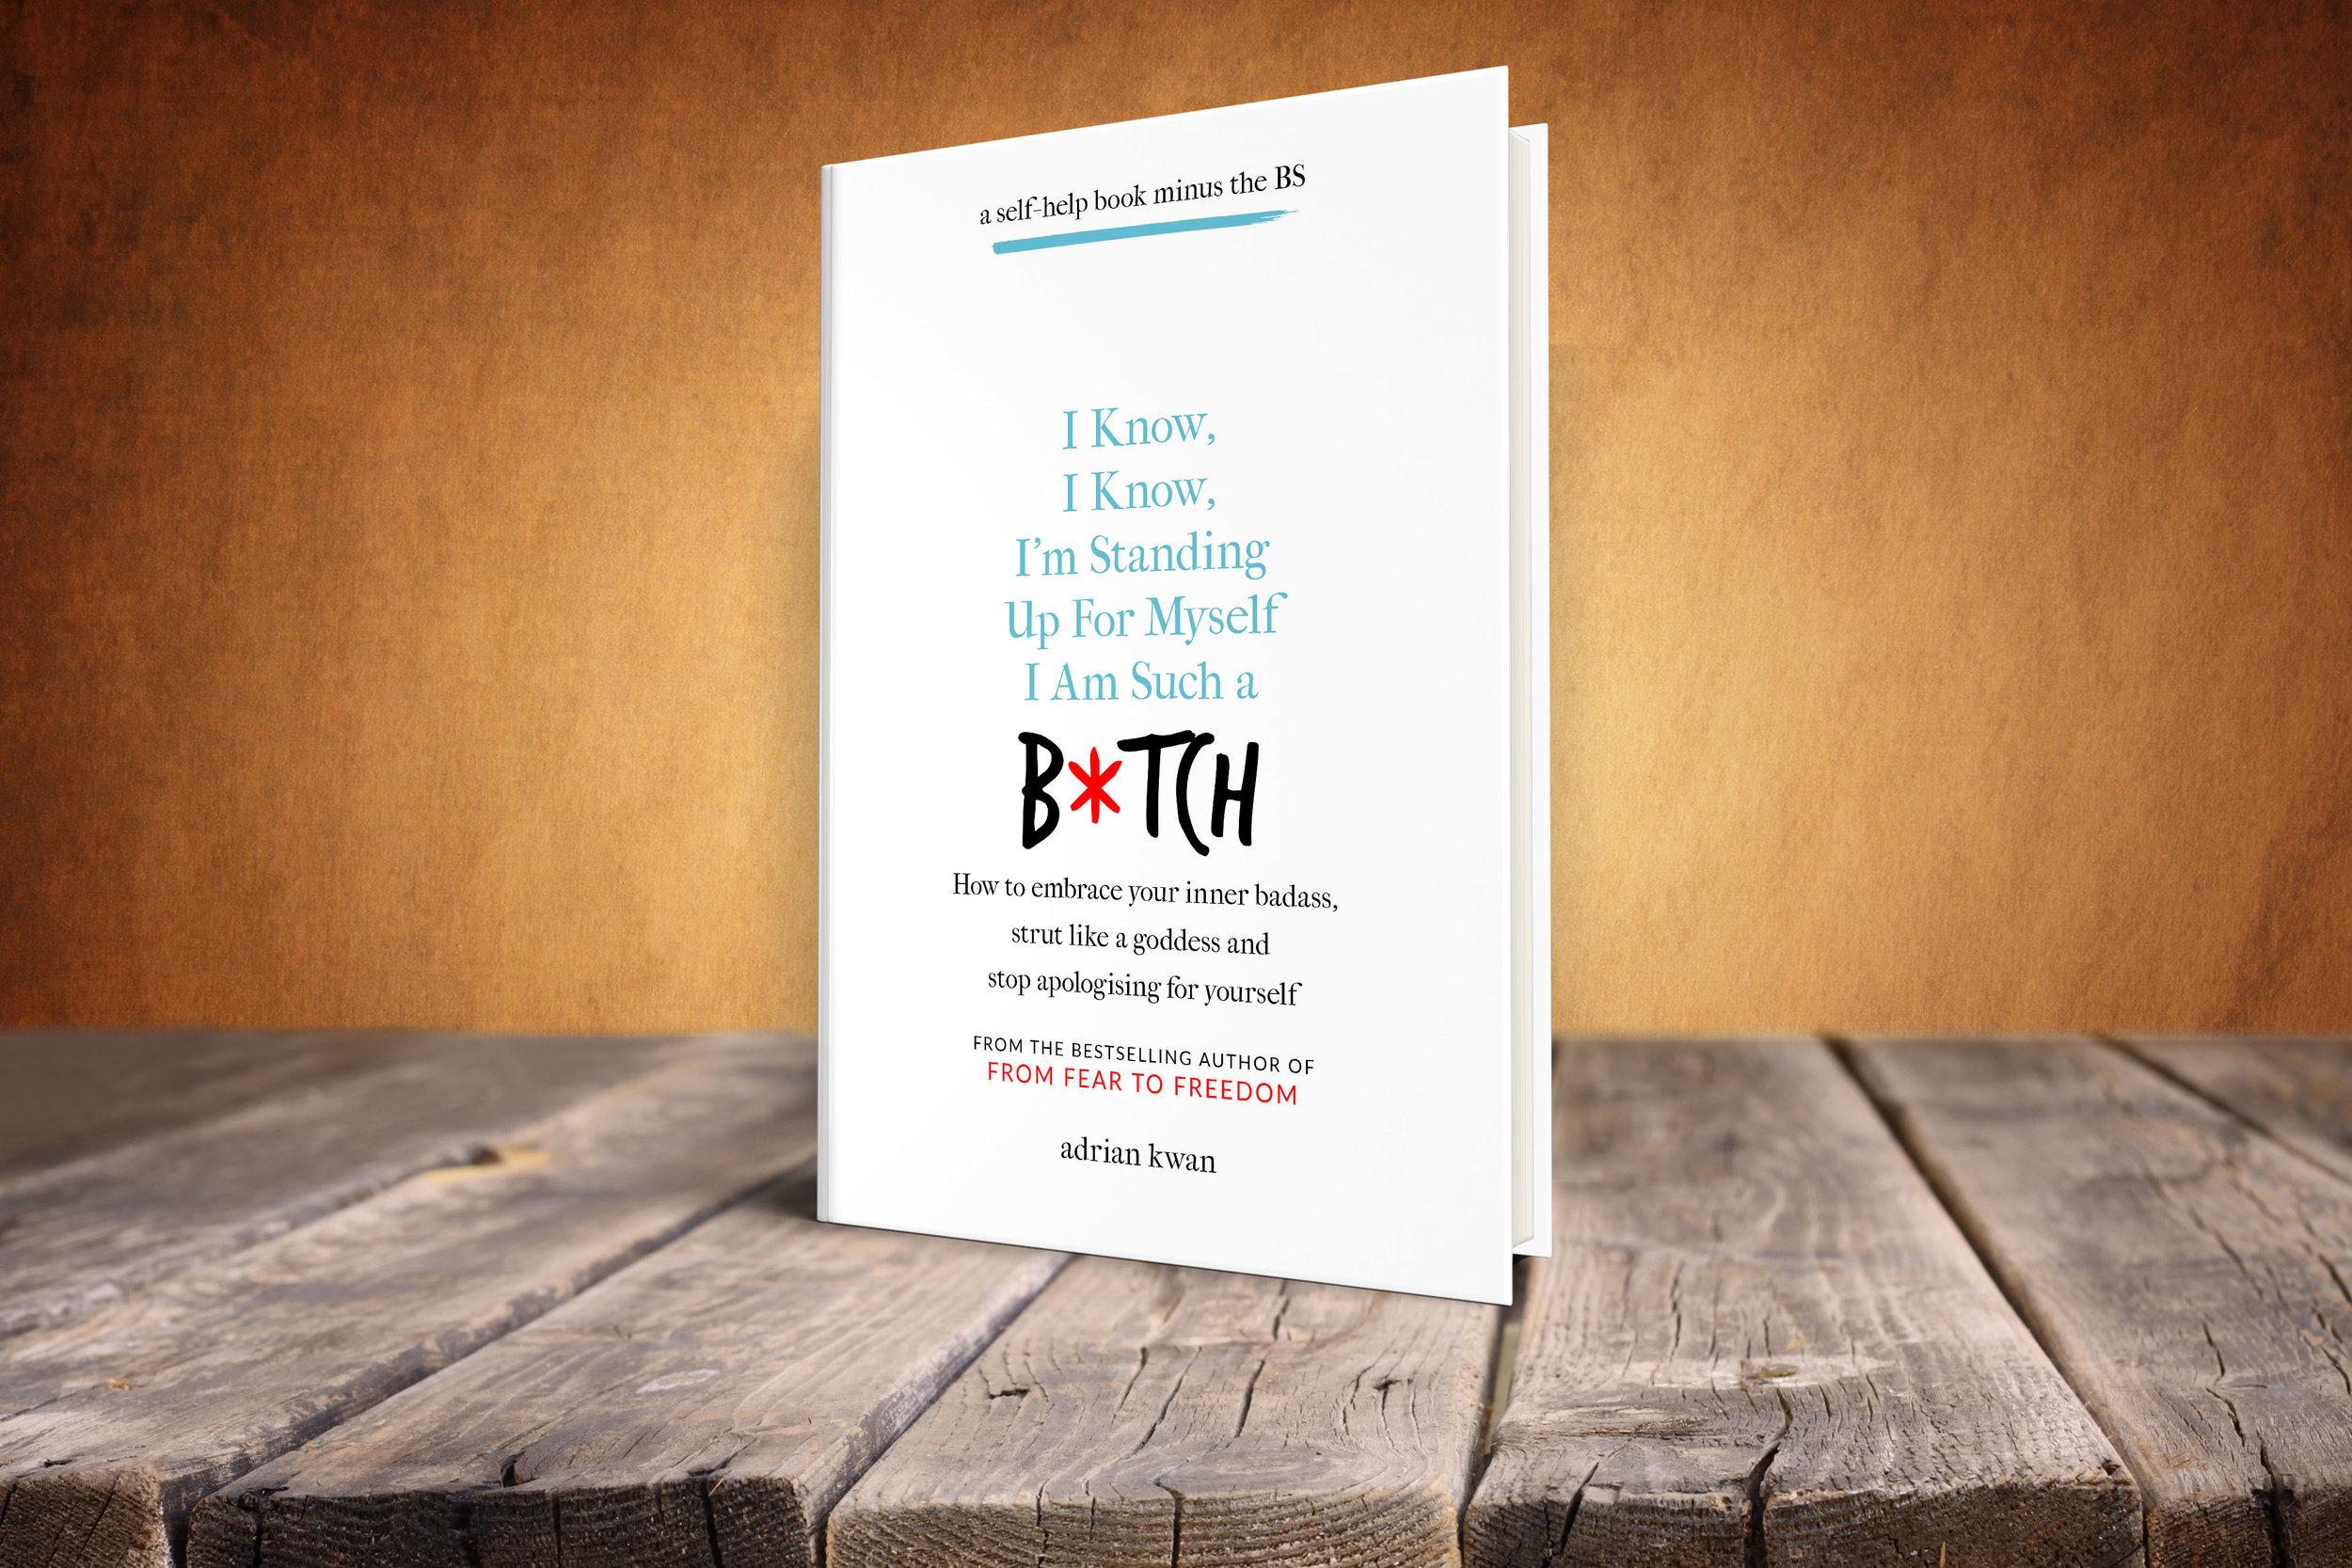 bitch cover 72 dpi.jpg